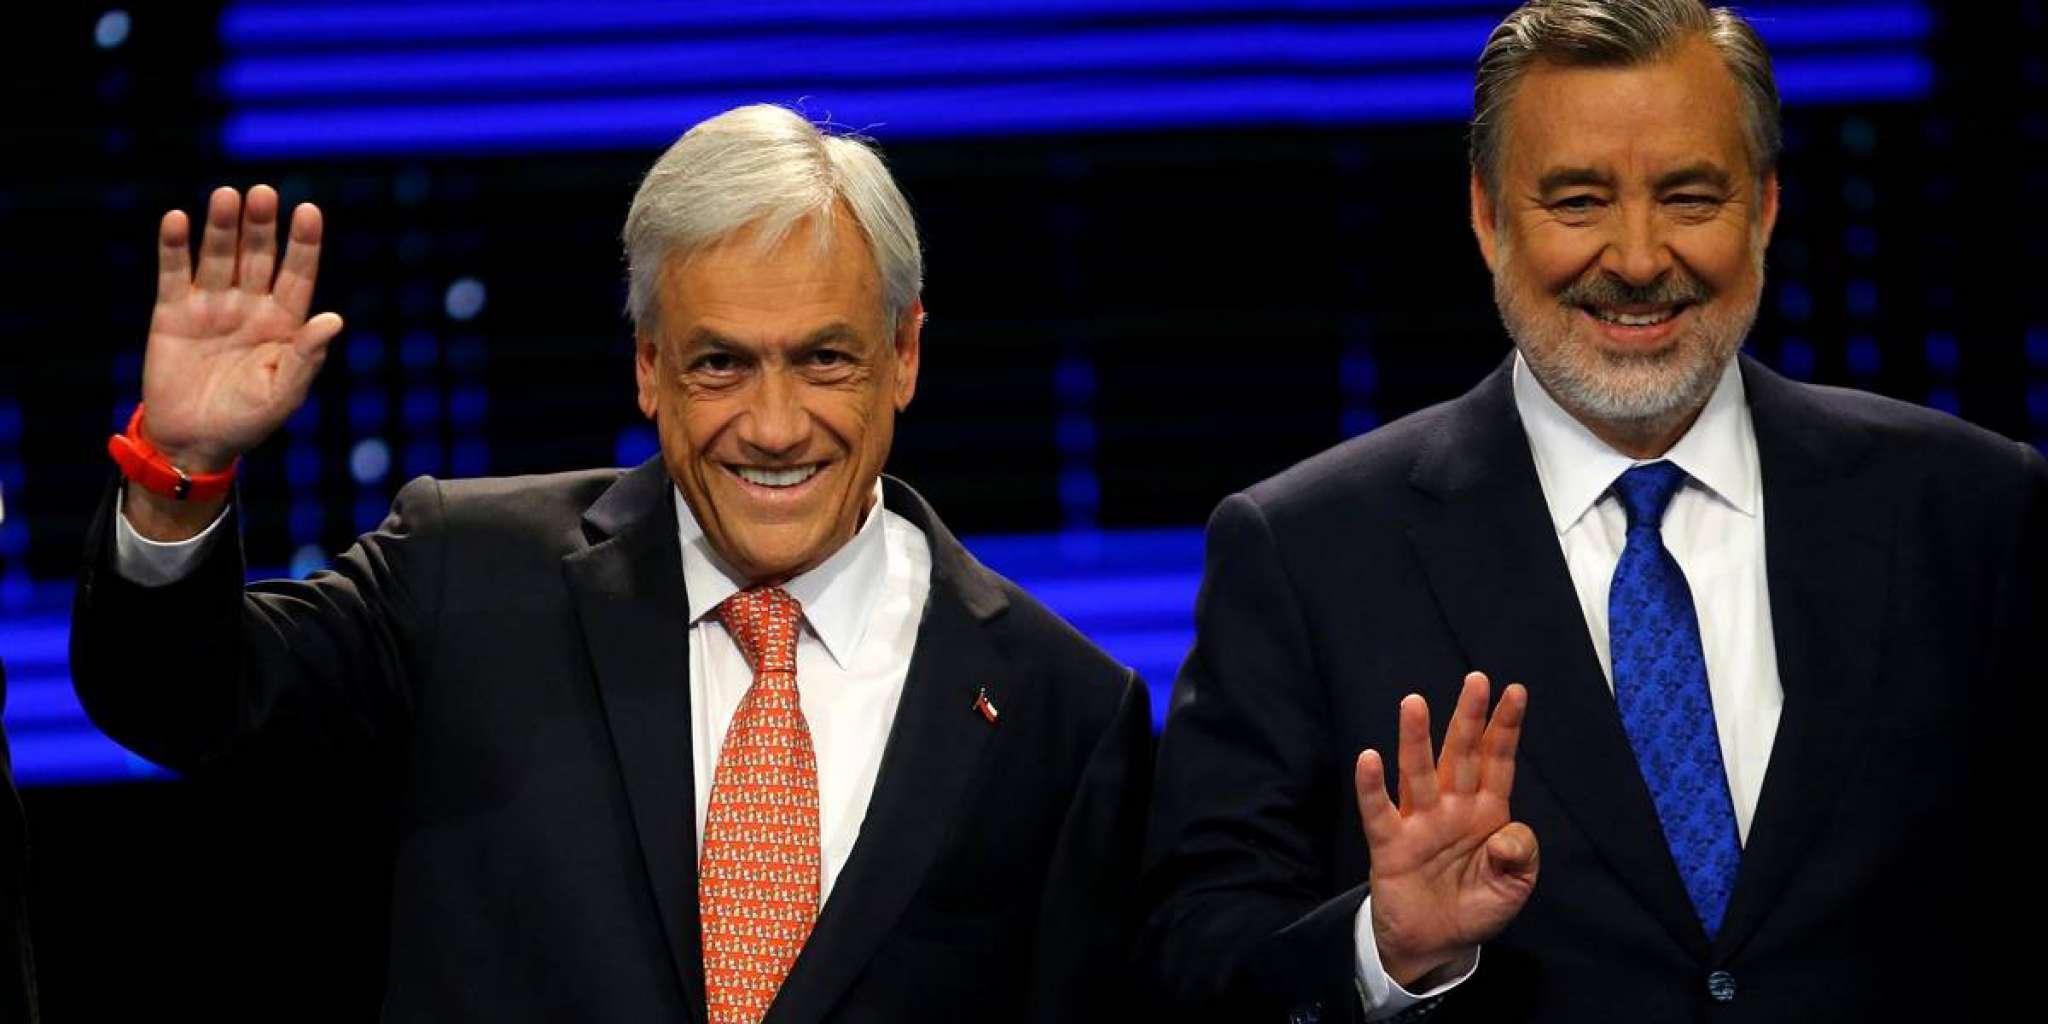 Segundo turno das eleições no Chile, em dezembro, será entre Piñera e Guillier